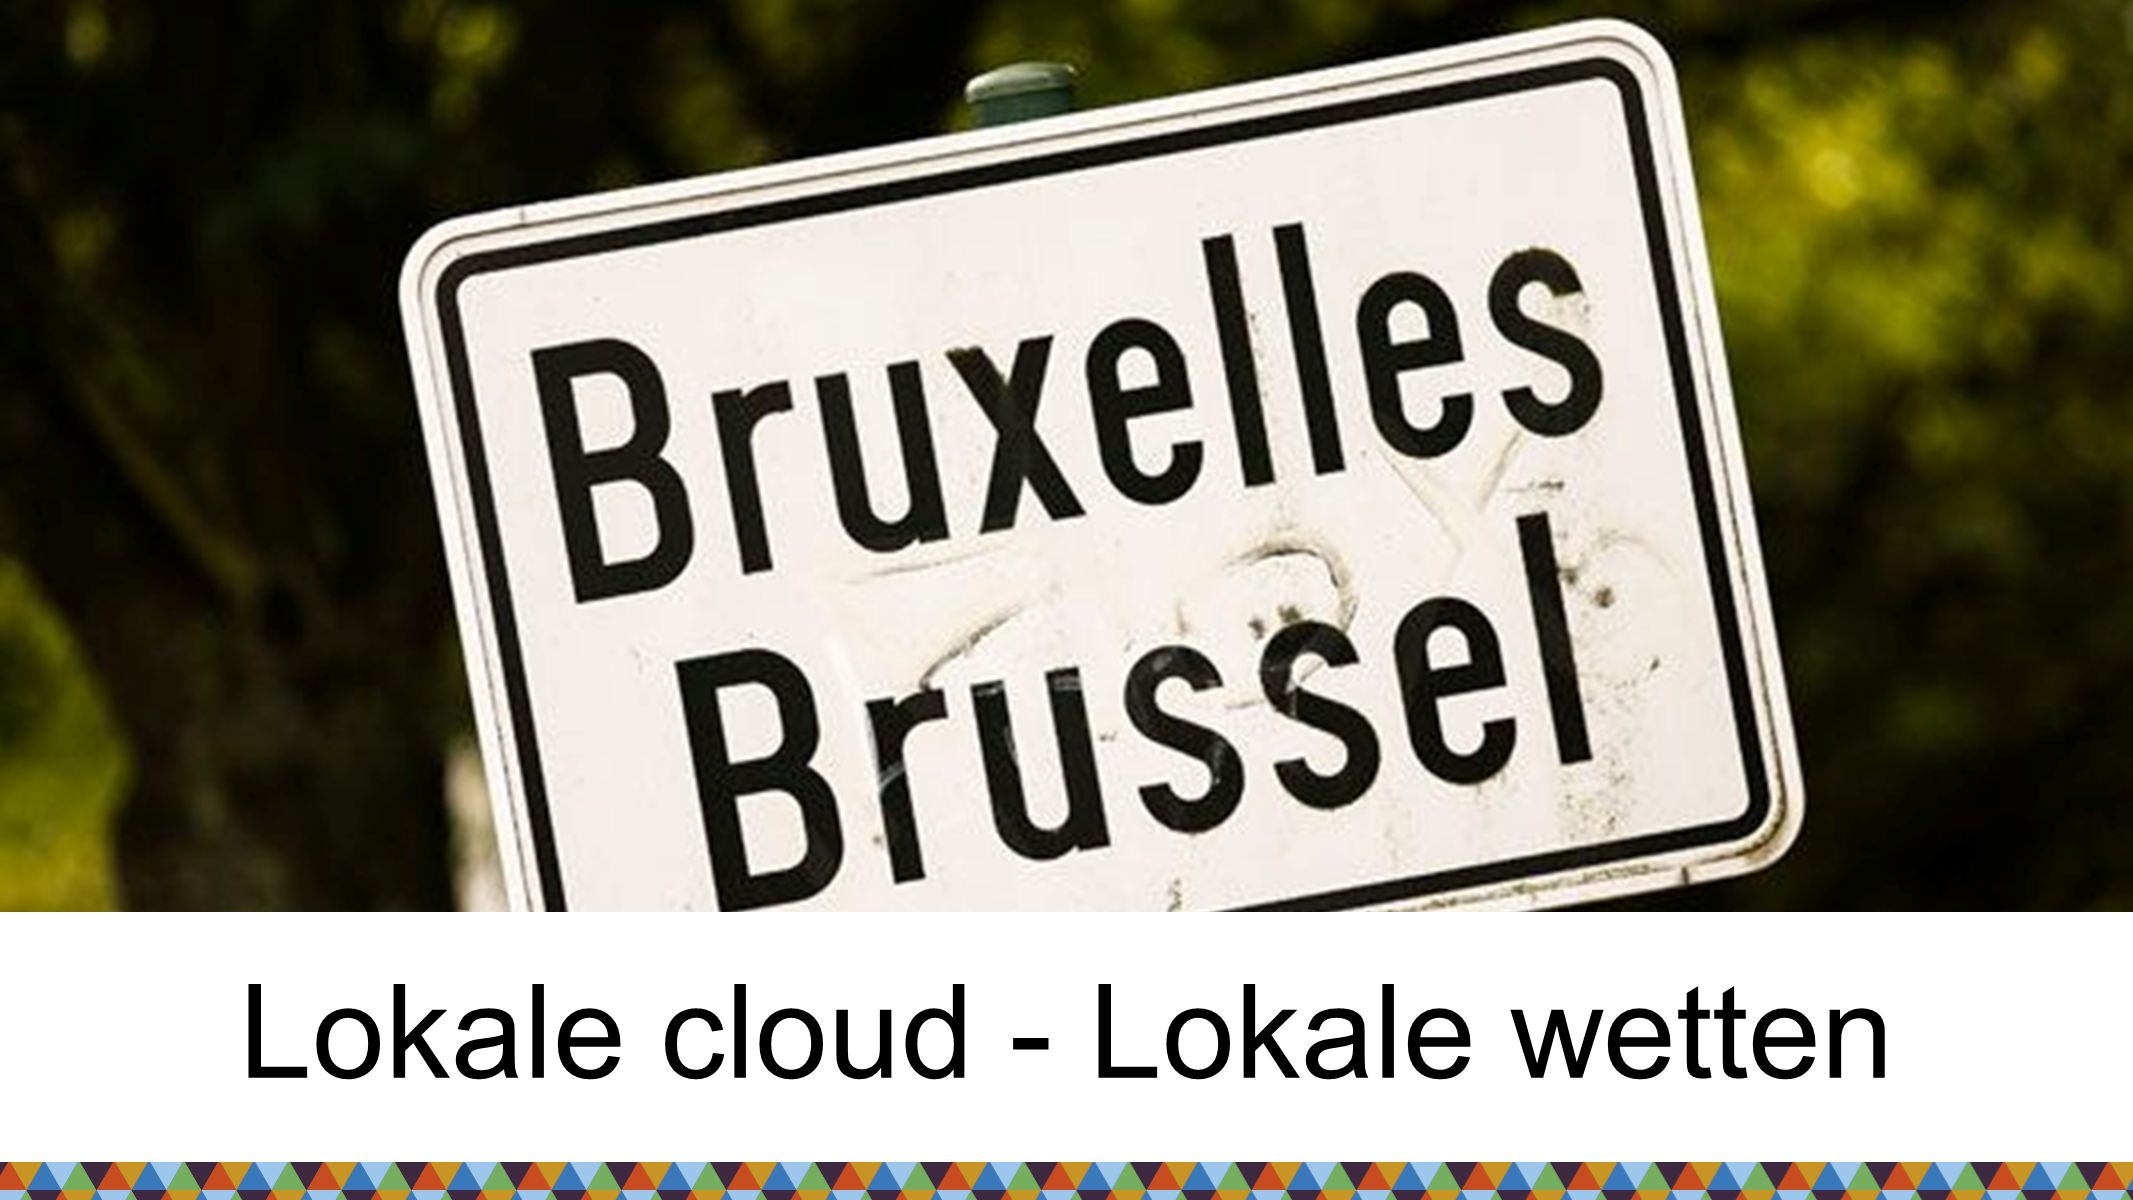 Lokale cloud - Lokale wetten